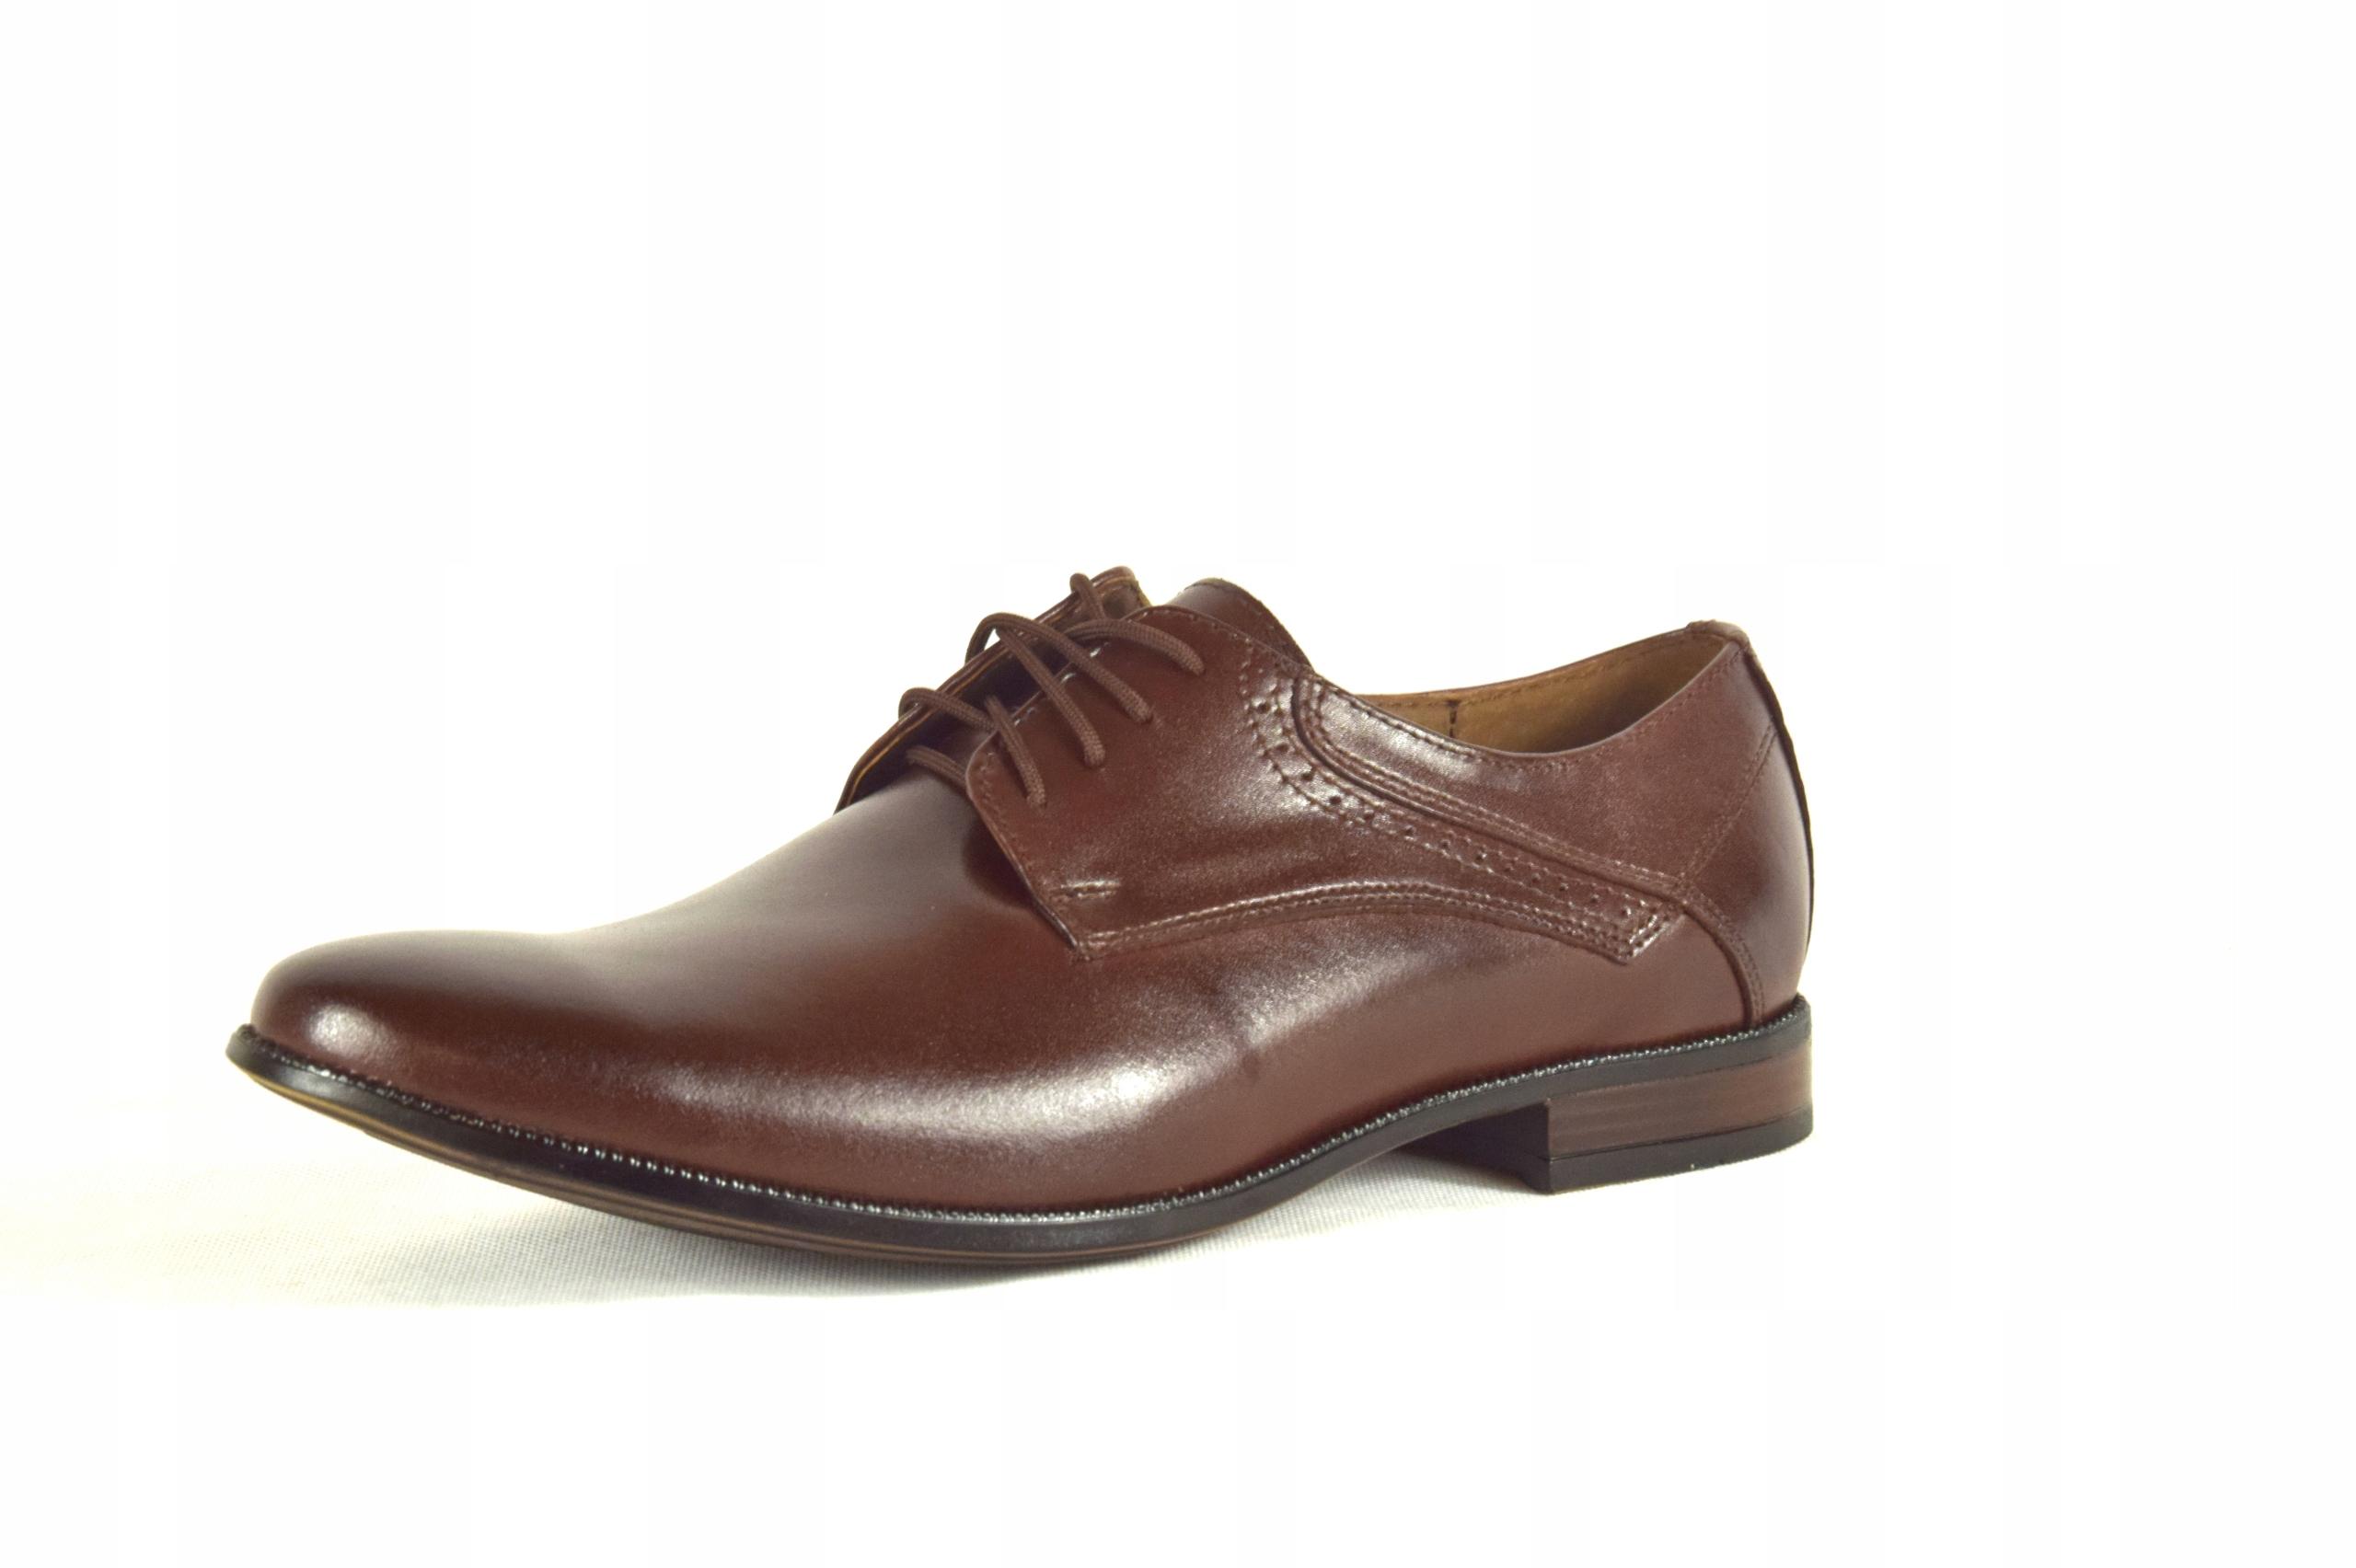 Buty męskie wizytowe skórzane brązowe obuwie 11